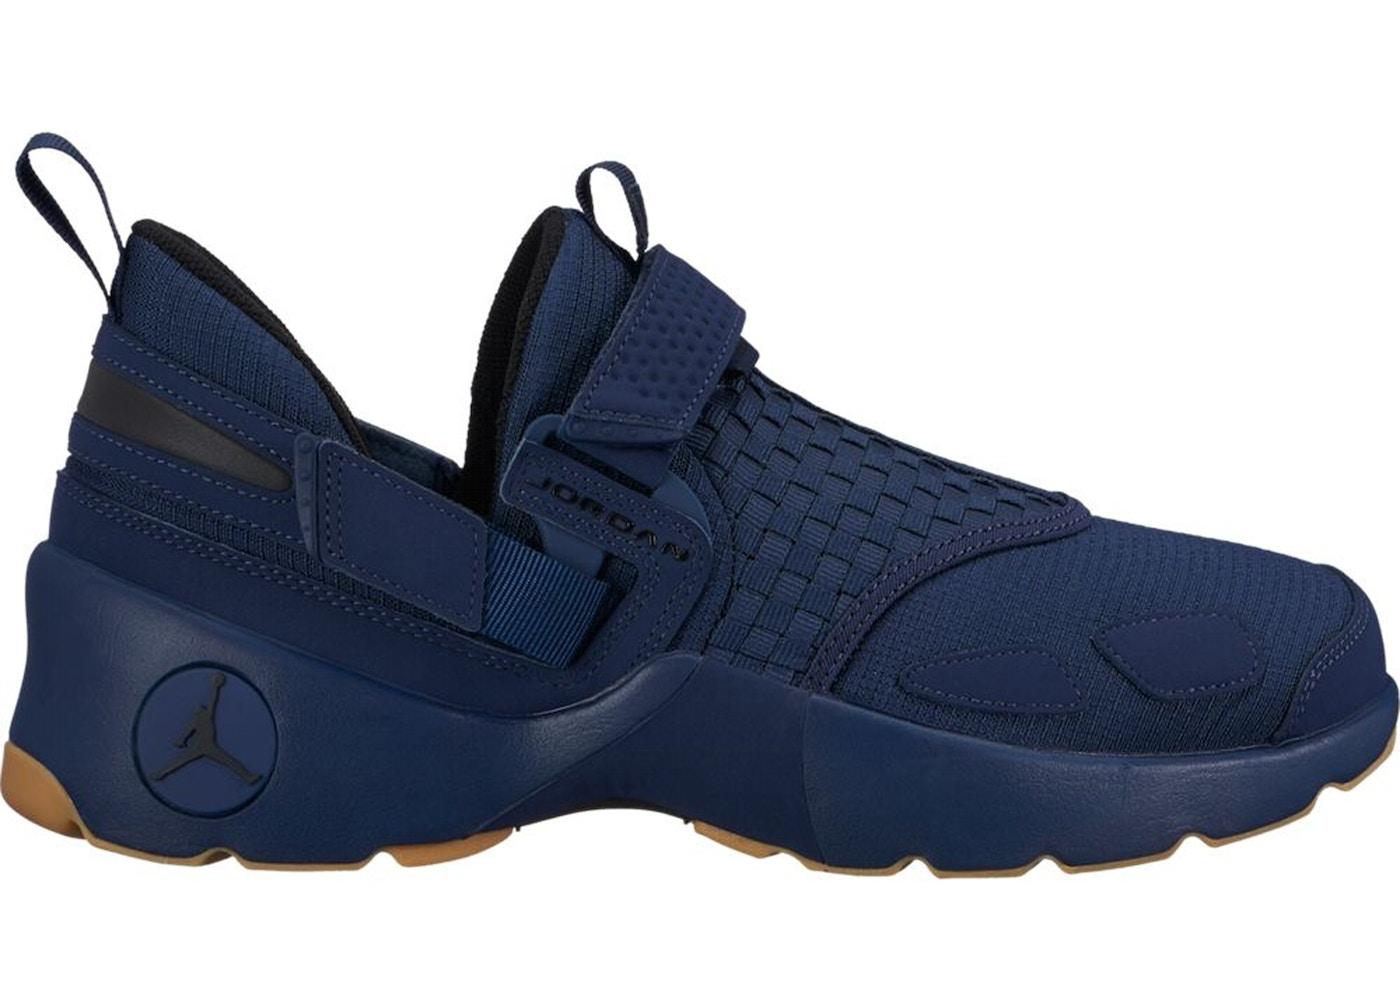 buy online 8a0ab ce9b9 Jordan Trunner LX Navy Gum - 897992-401